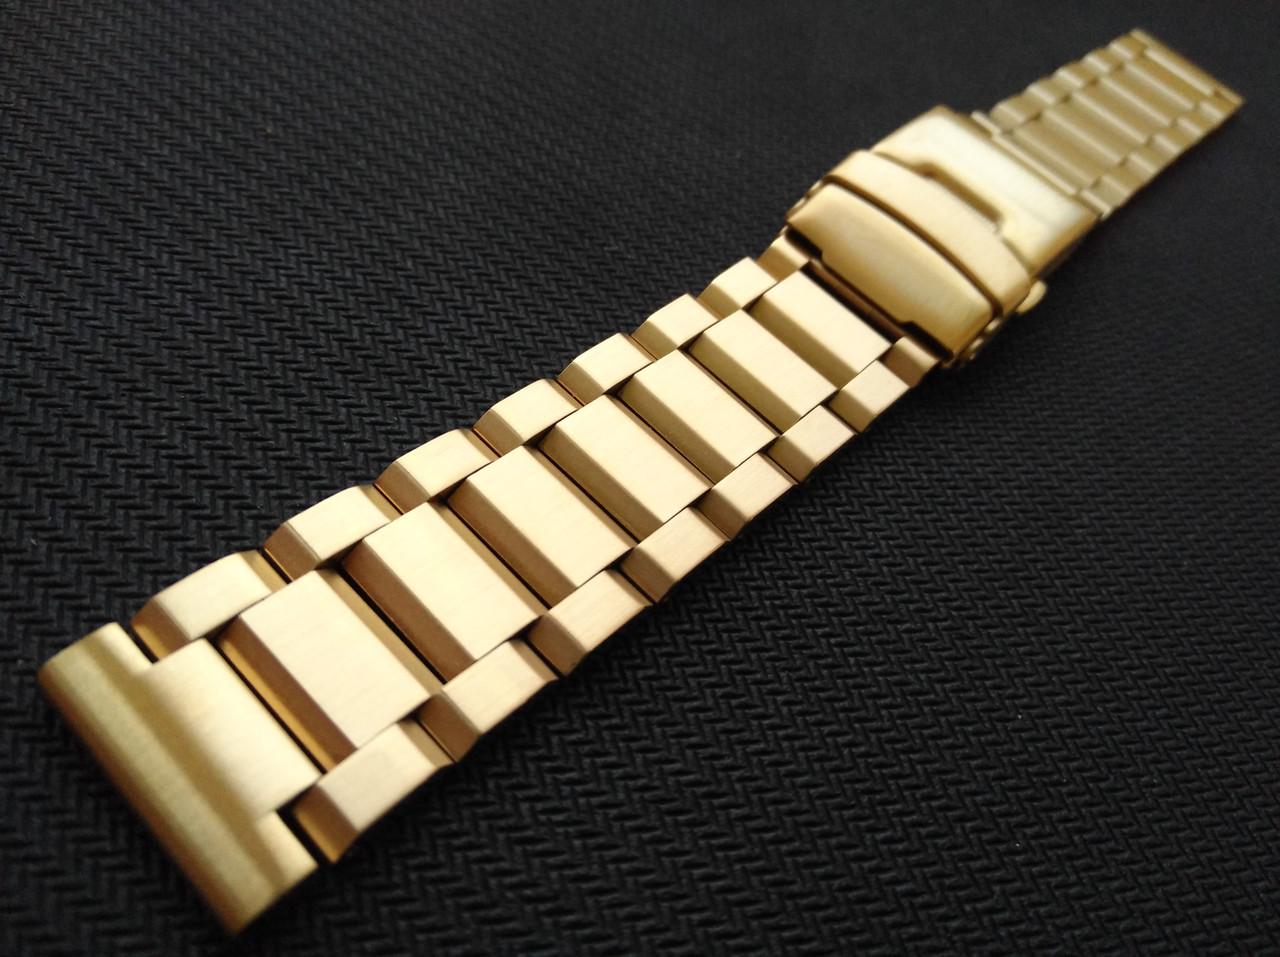 Браслет для часов из нержавеющей стали, литой, матовый. Золотистый. 20 мм. Hexad